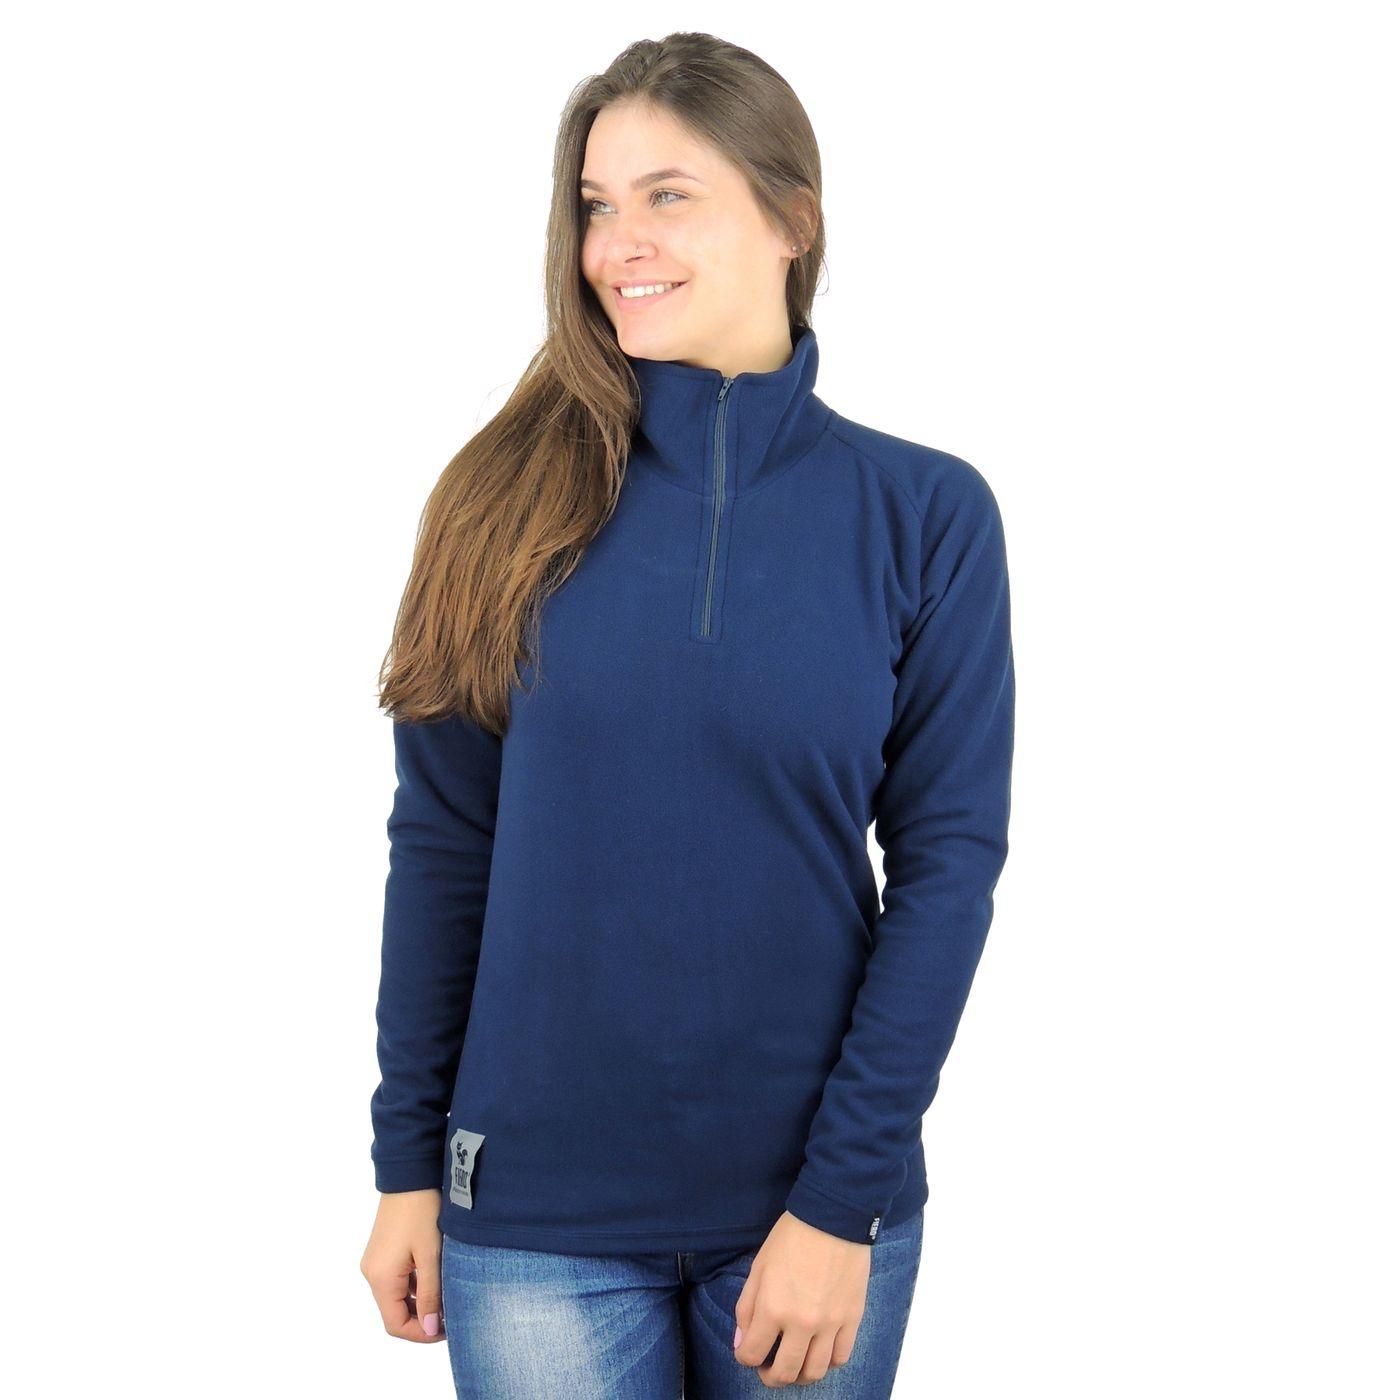 2955f7d1b5 Blusa de Fleece Térmico Meio Zíper Feminino FIERO - fieroshop